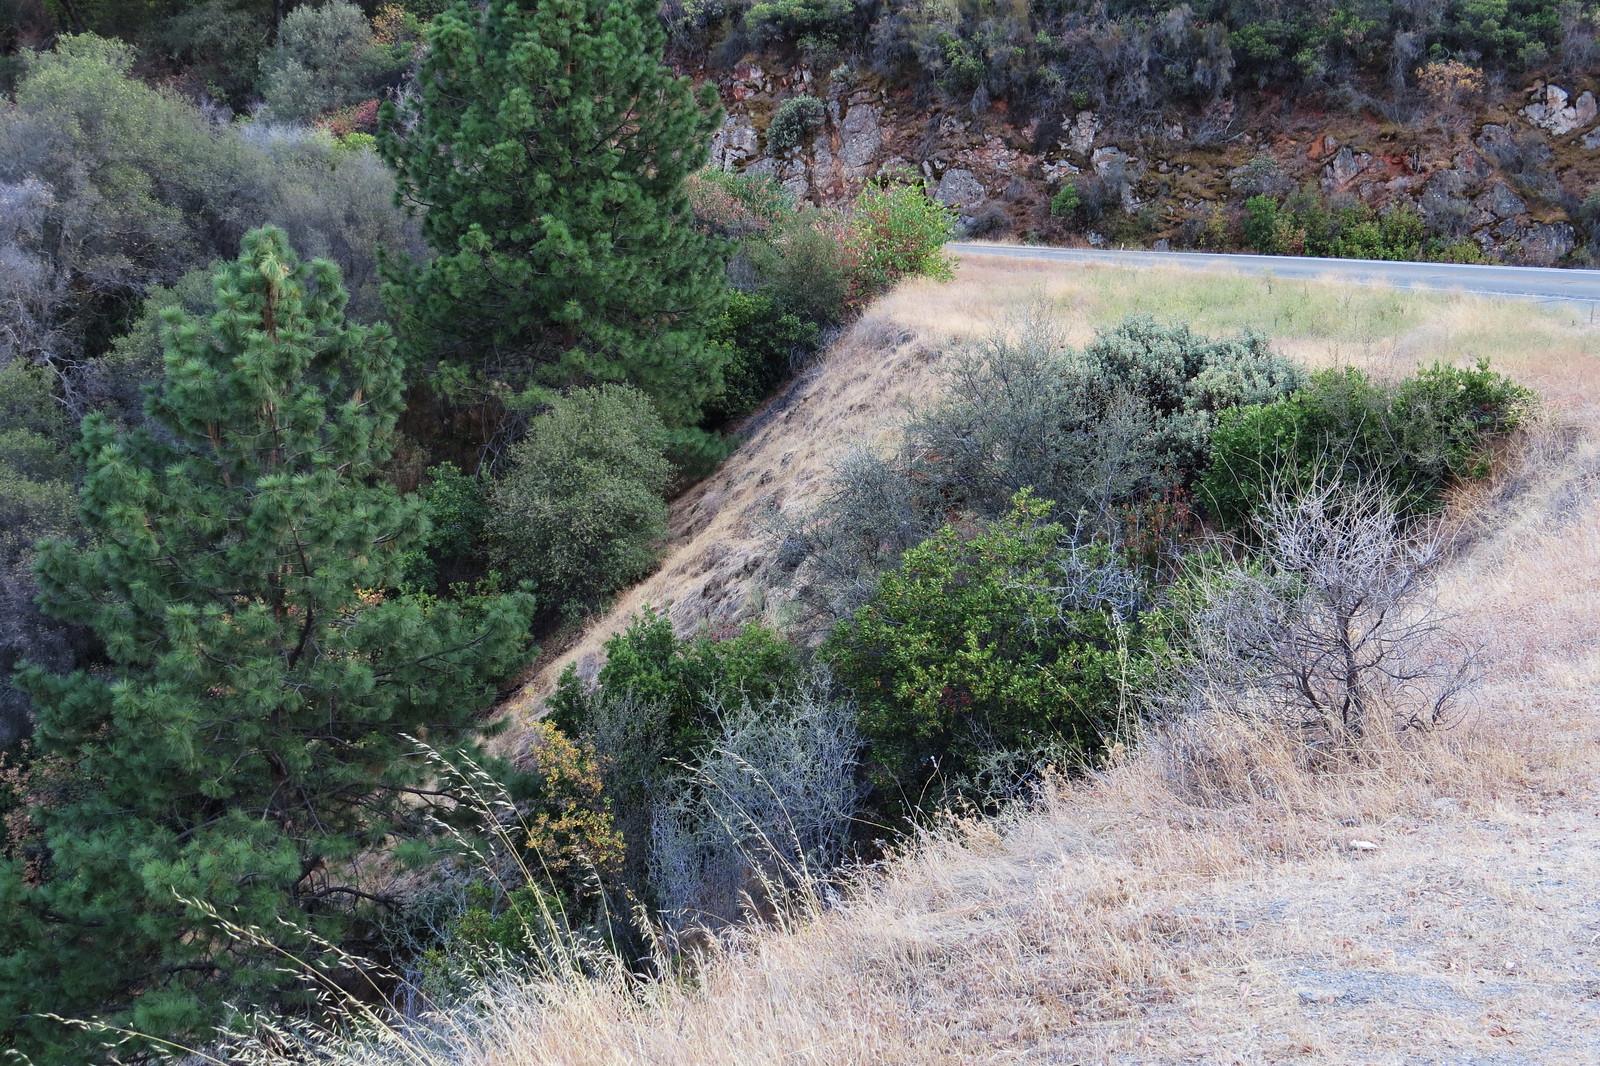 Road 140 CA, Yosemite